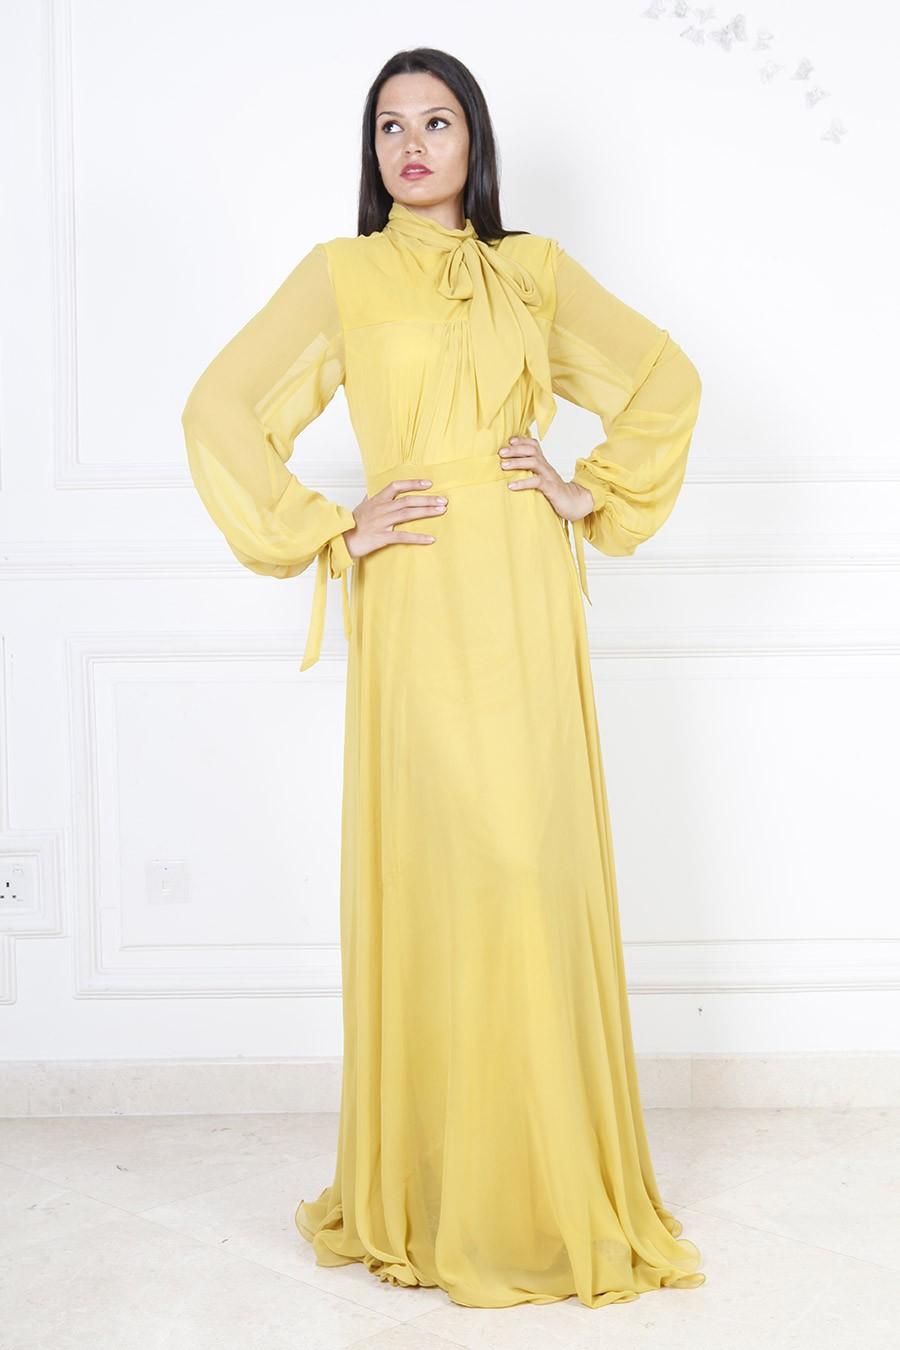 بالصور فساتين سهره كم طويل , تشكيلة من الفساتين الرقيقة 1159 5